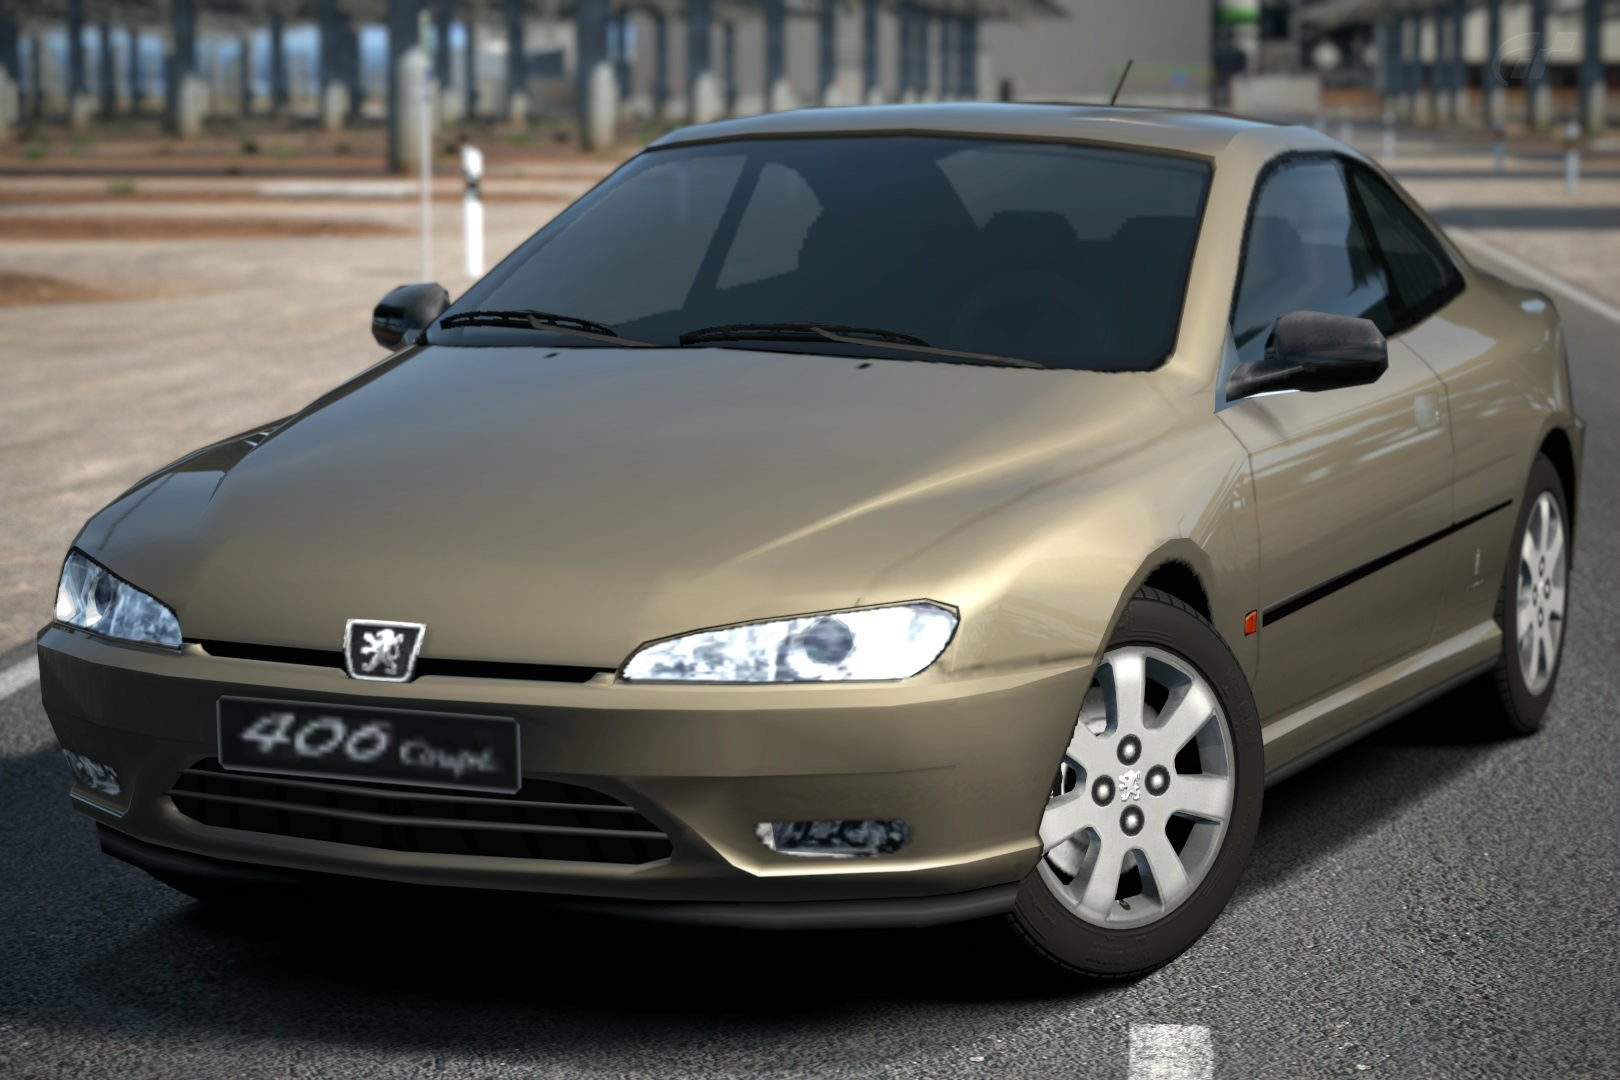 Peugeot 406 3 0 V6 Coupe 98 Gran Turismo Wiki Fandom